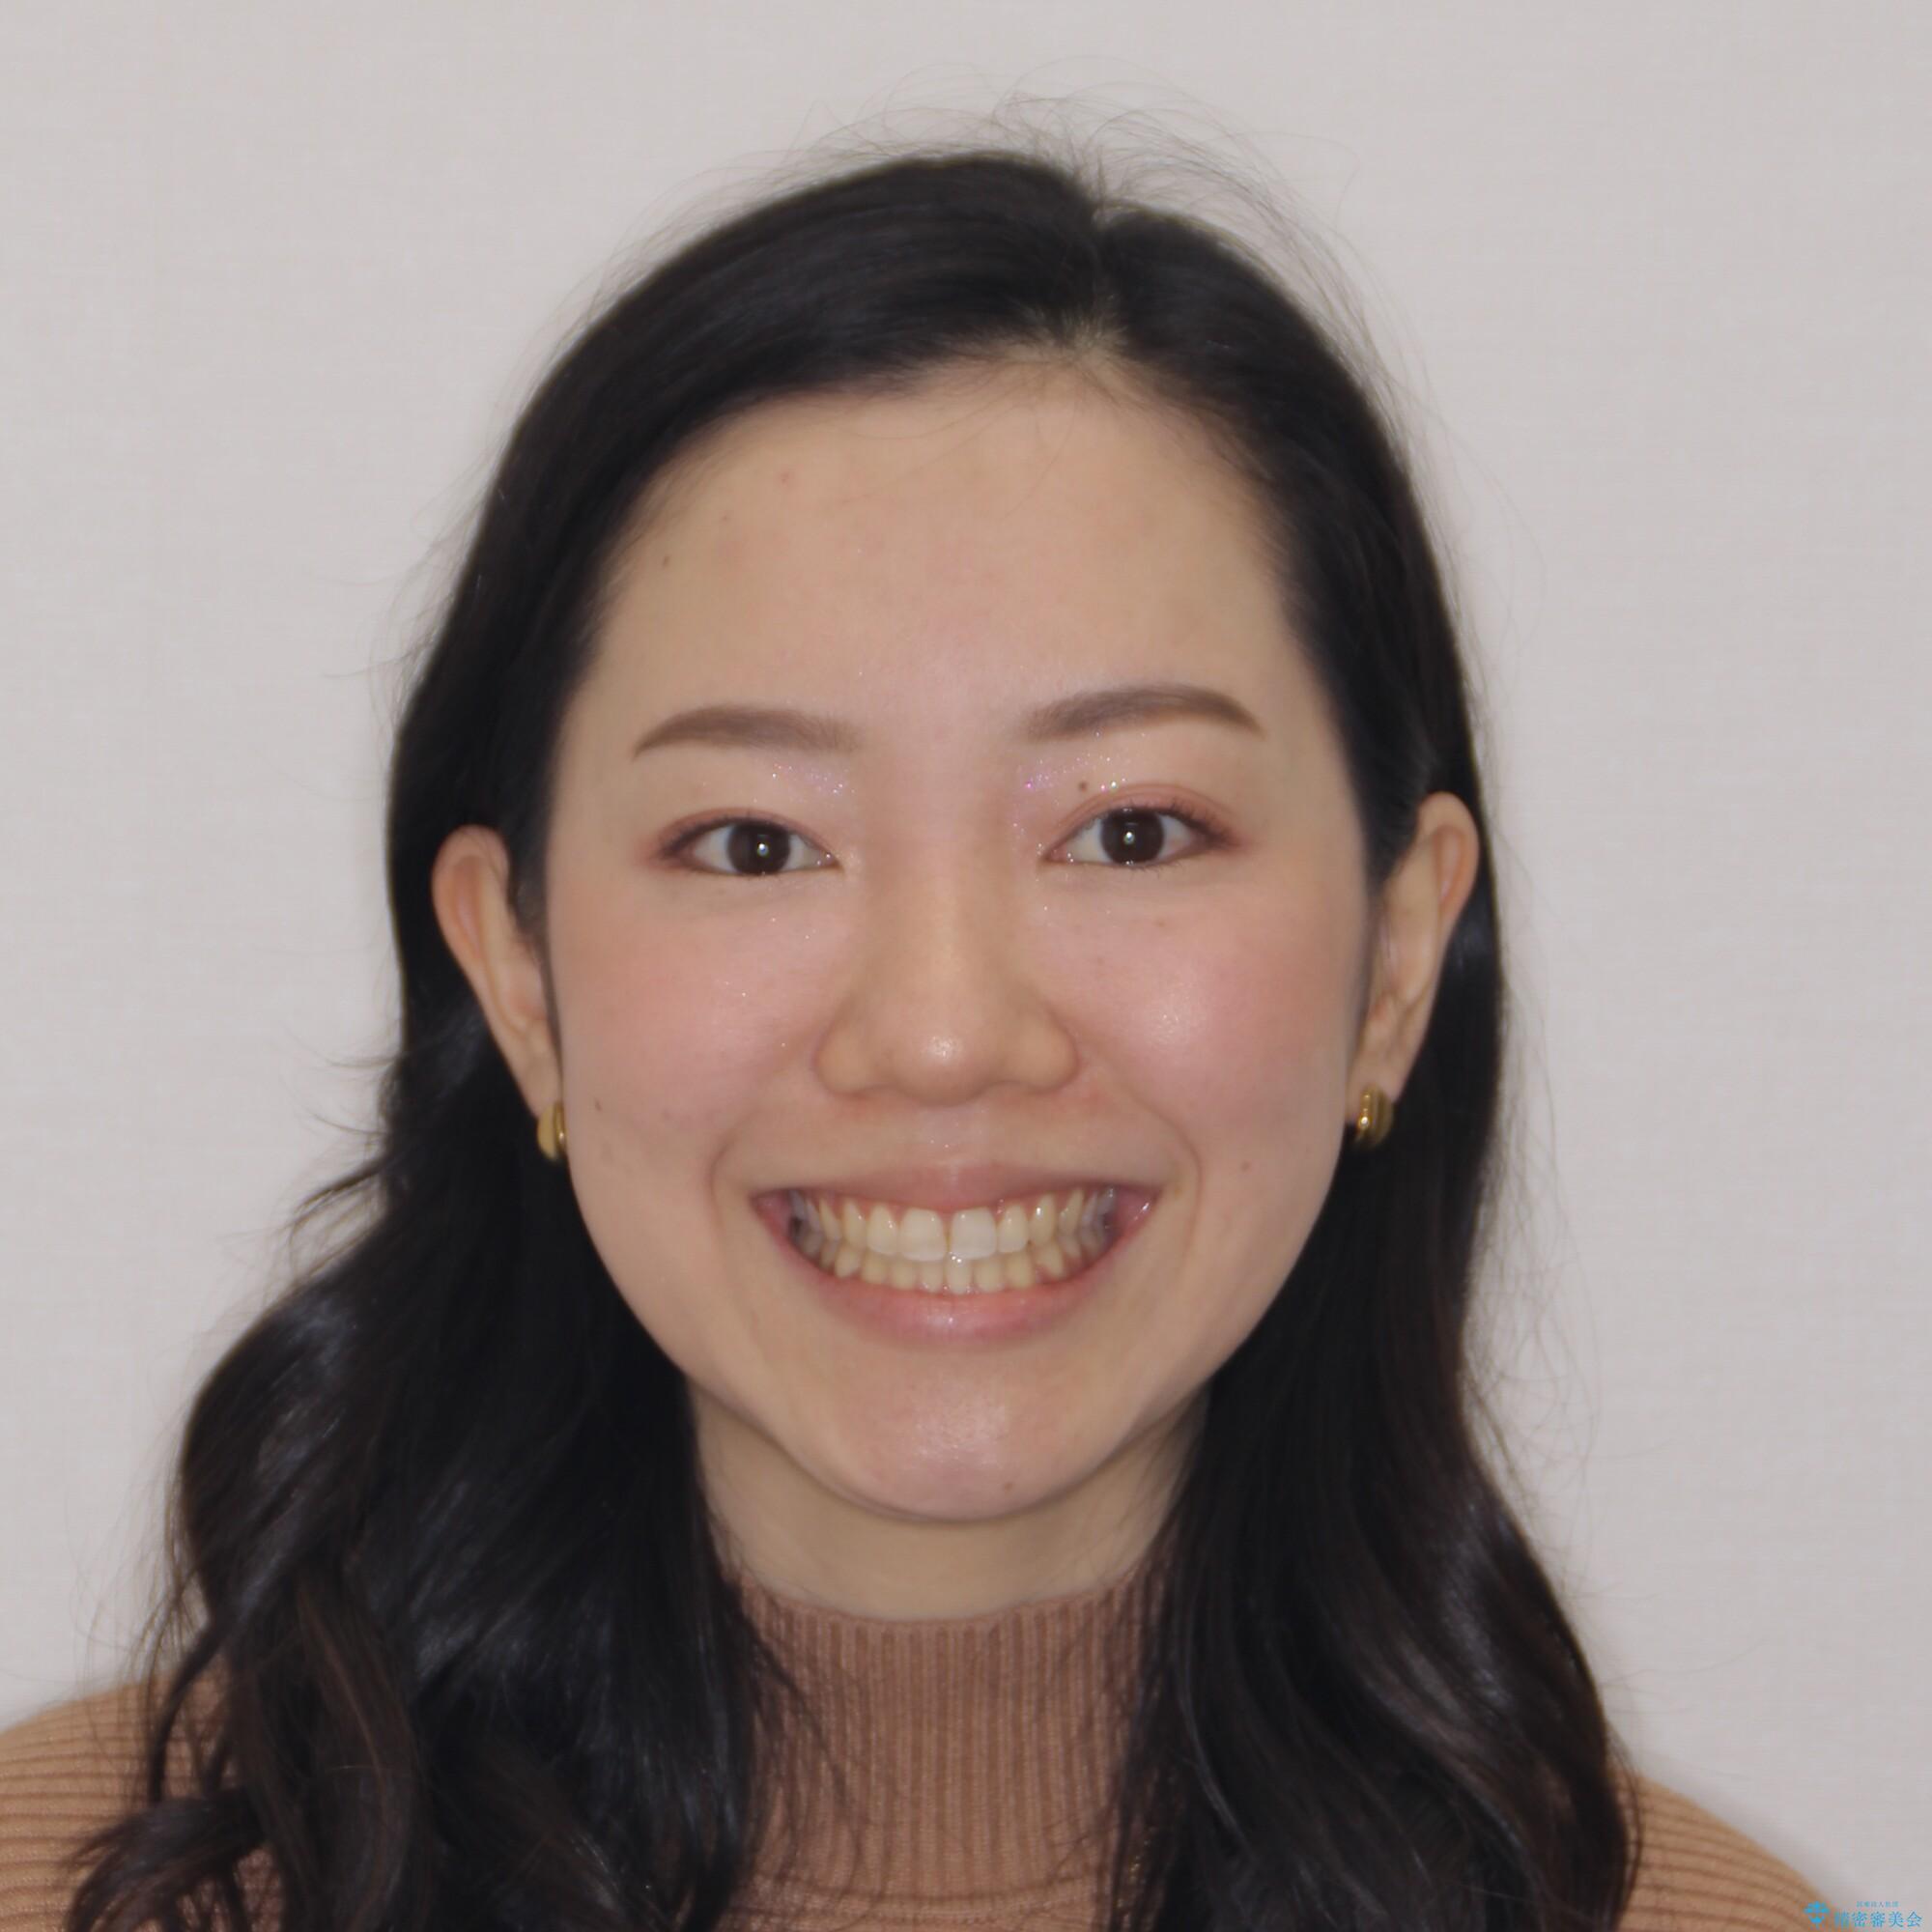 【モニター】オープンバイトをインビザラインで矯正治療の治療後(顔貌)